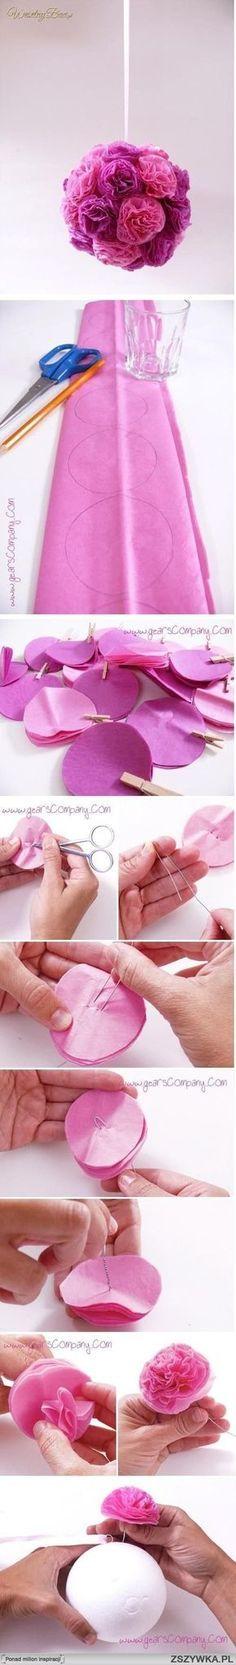 Esfera de flores de papel de seda